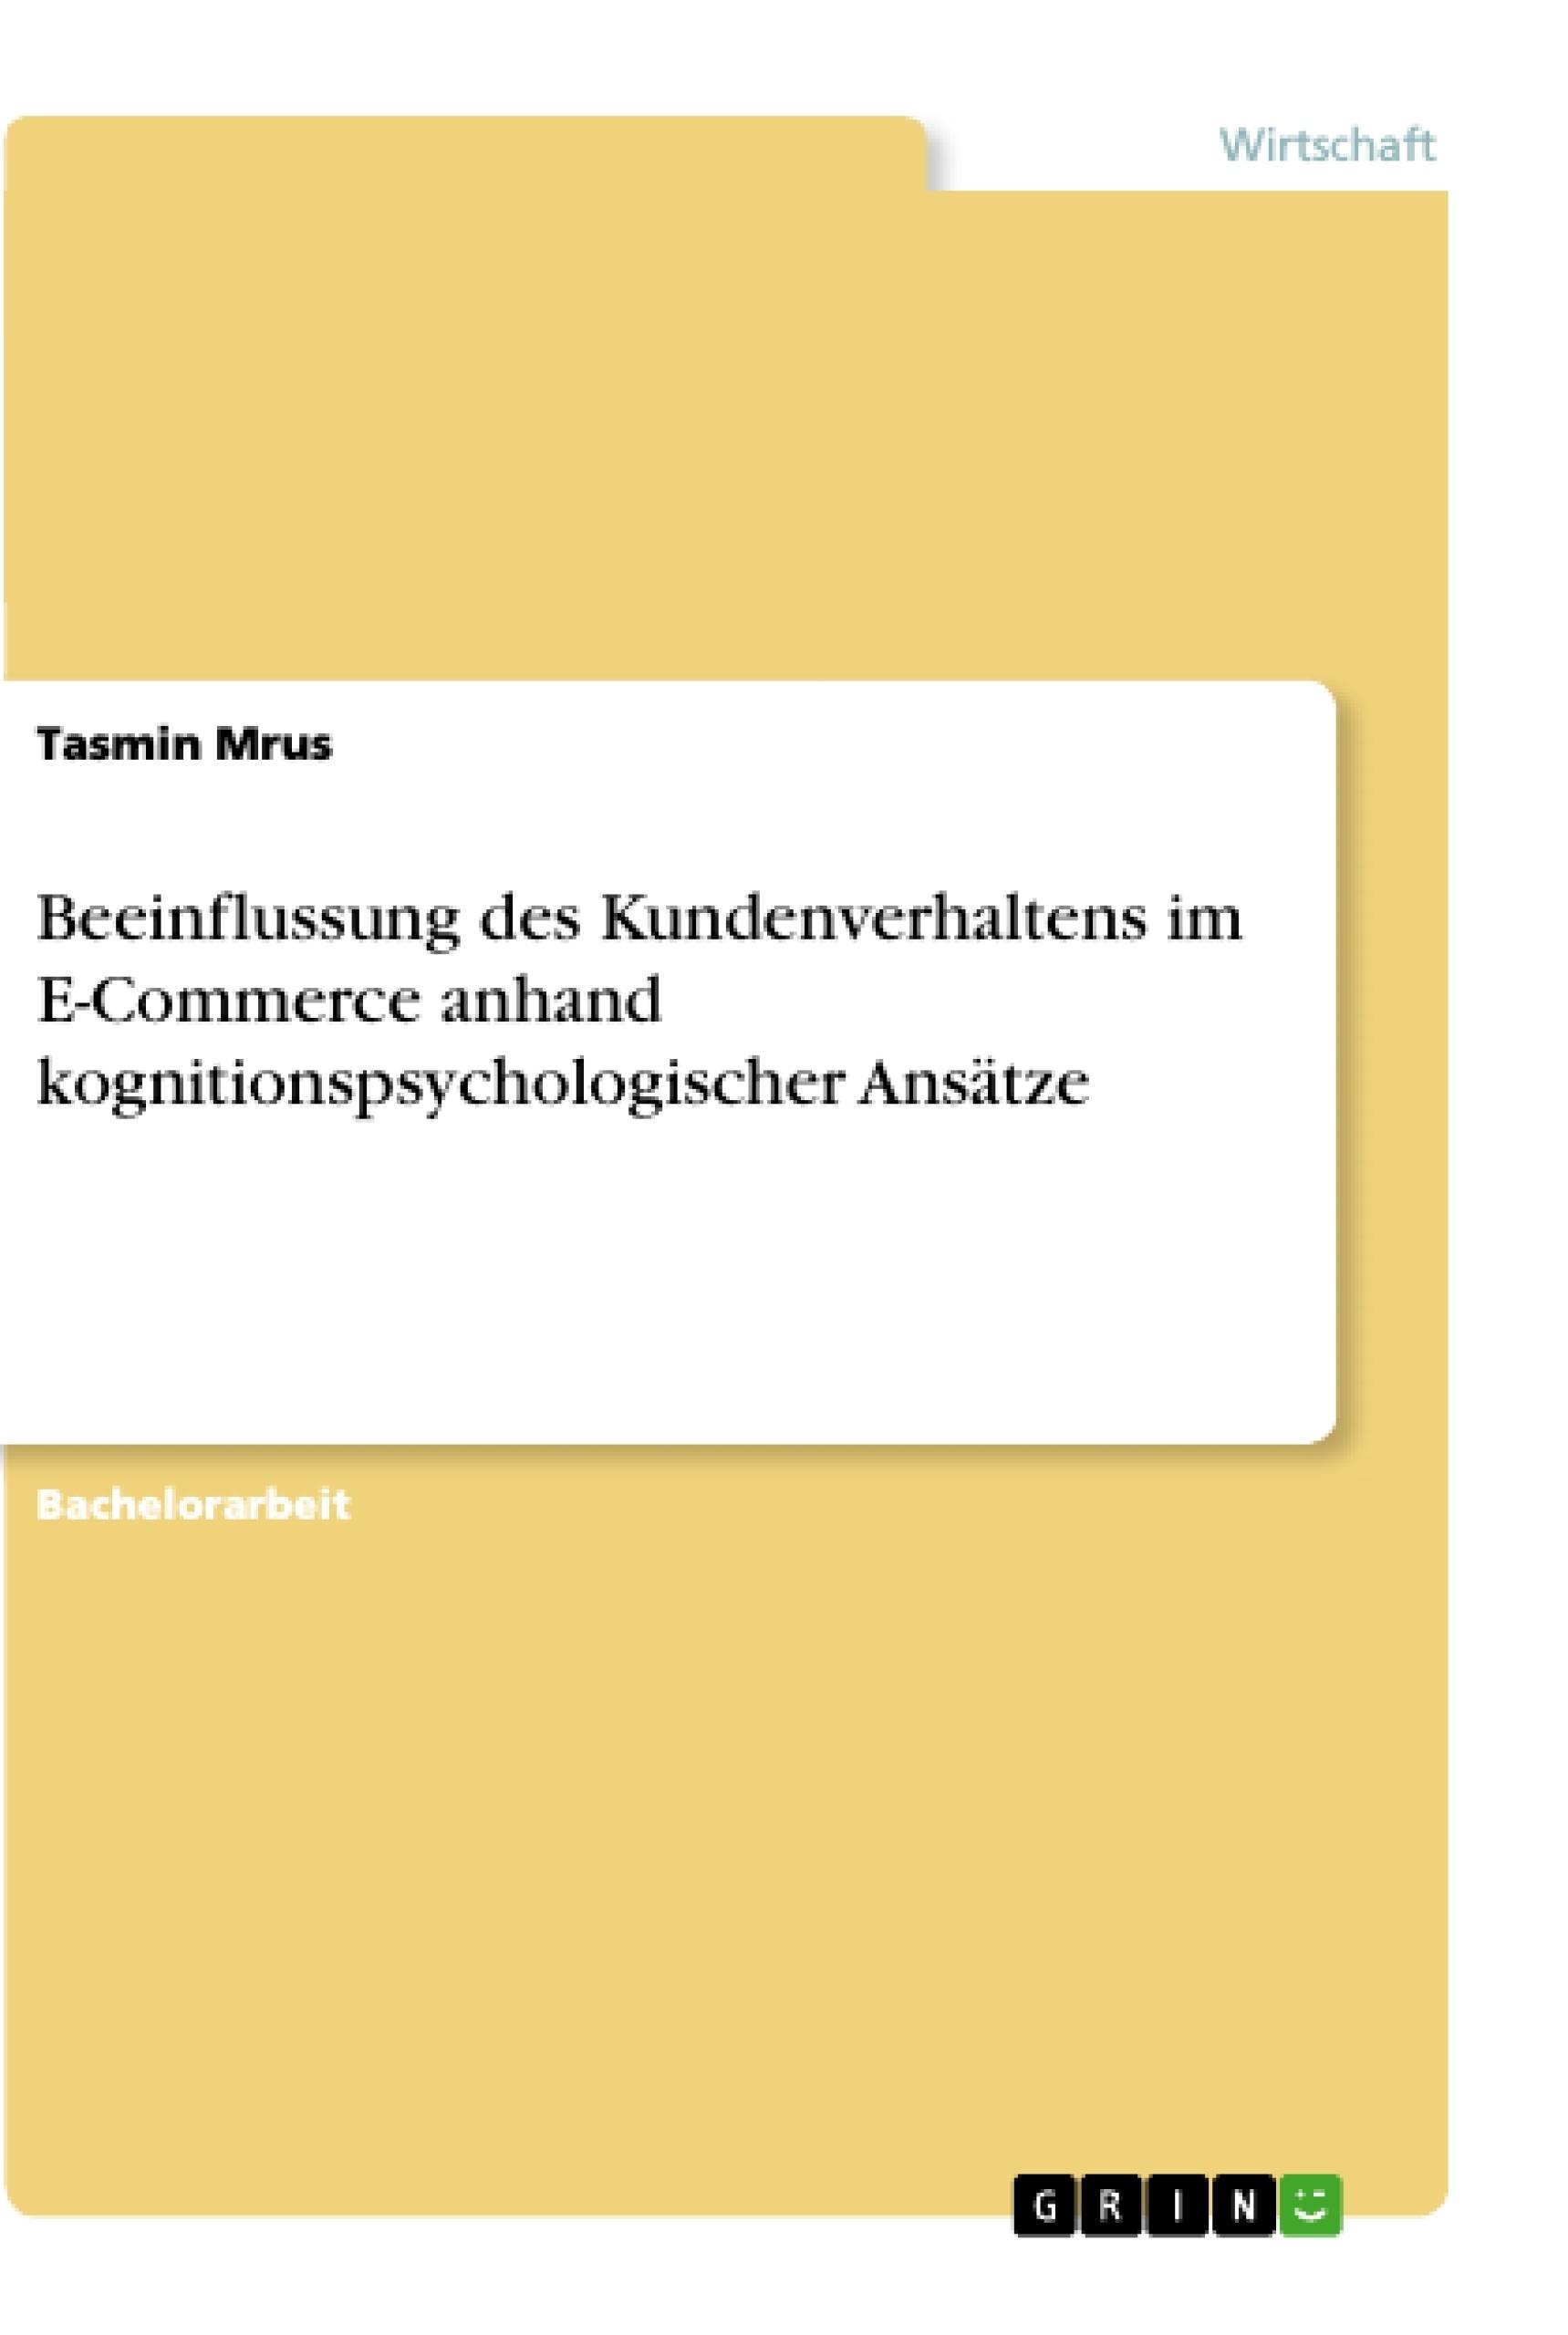 Titel: Beeinflussung des Kundenverhaltens im E-Commerce anhand kognitionspsychologischer Ansätze